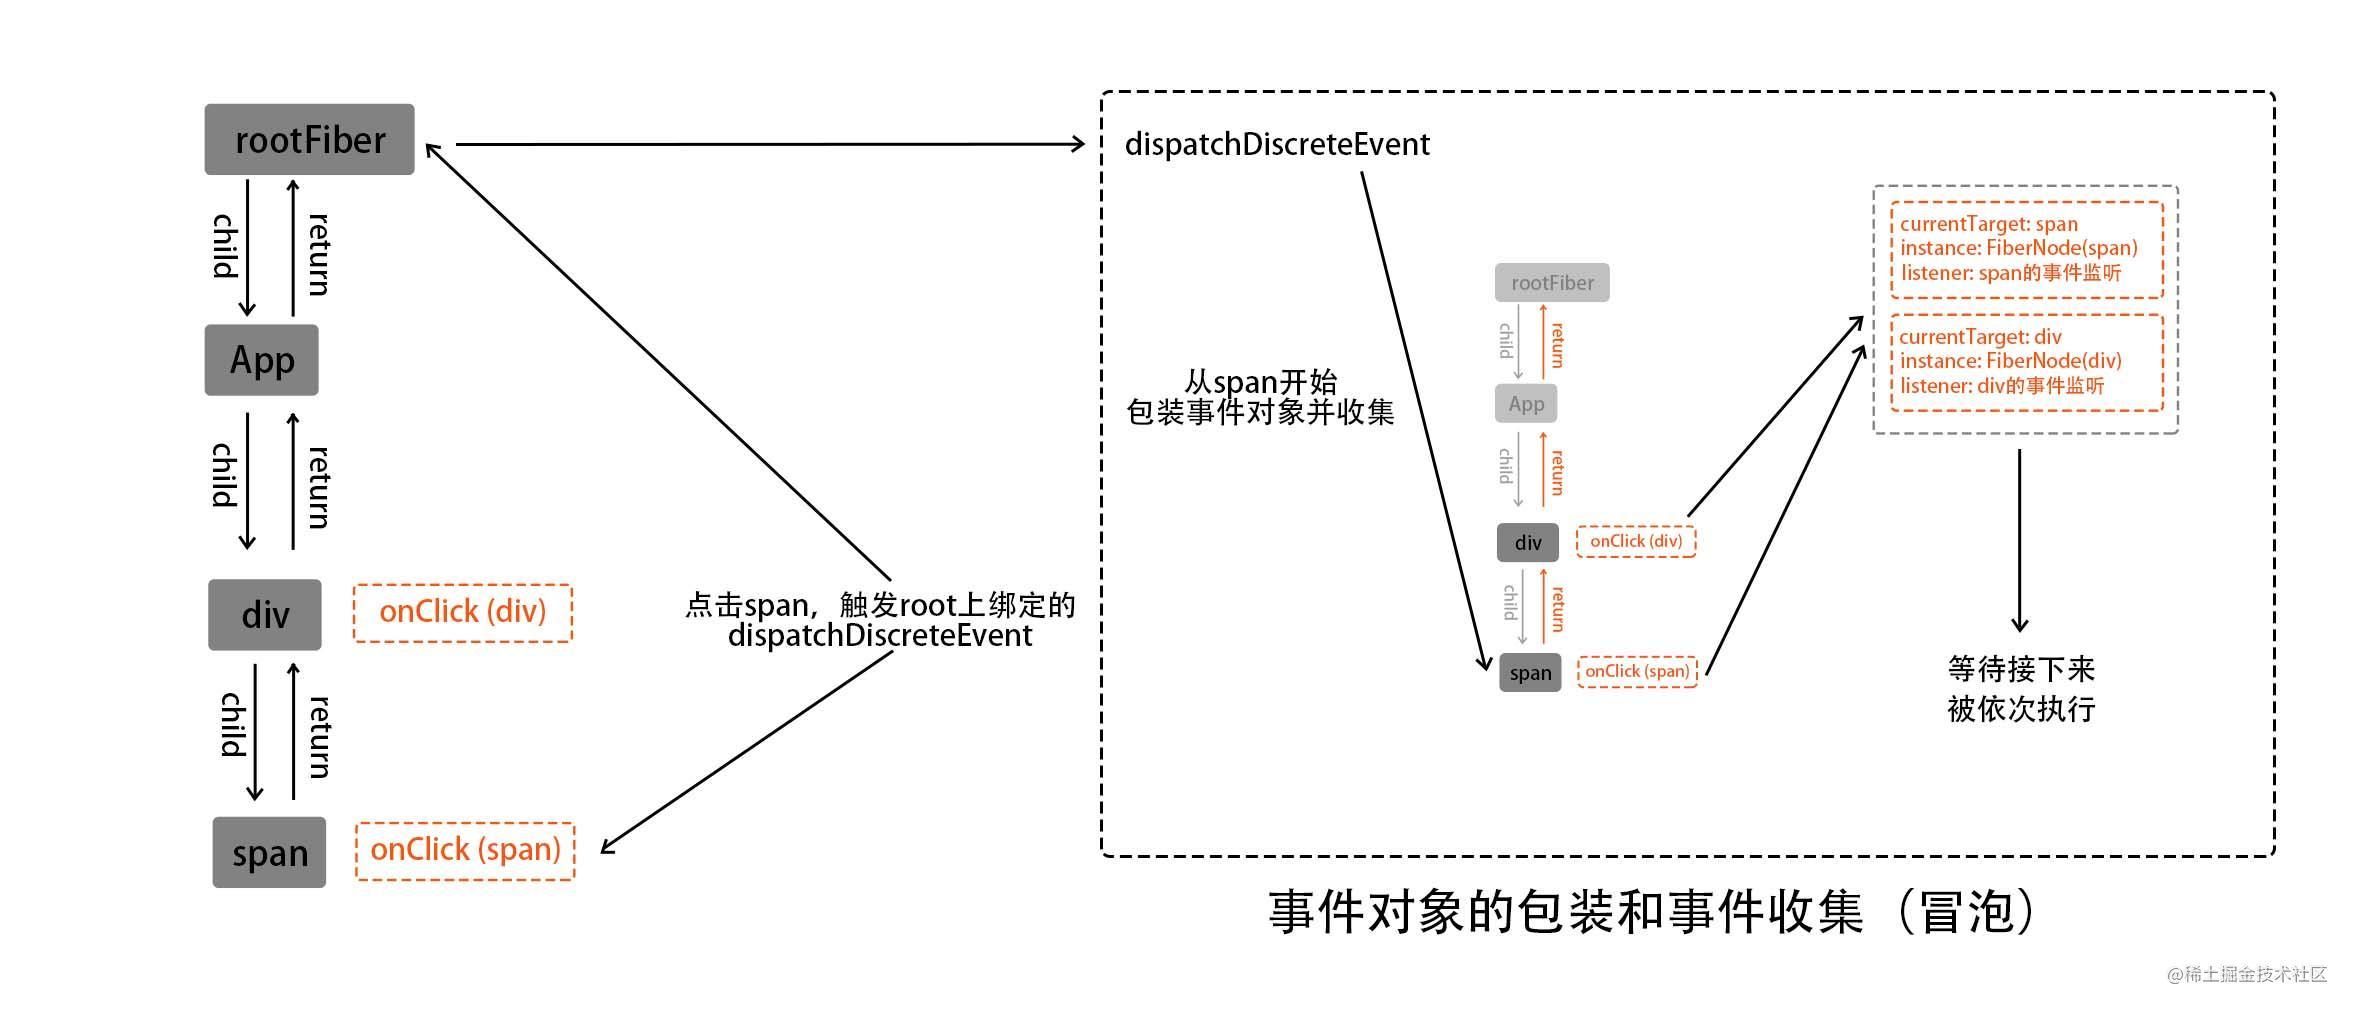 件对象的包装和收集事件到执行路径(冒泡的路径为例)